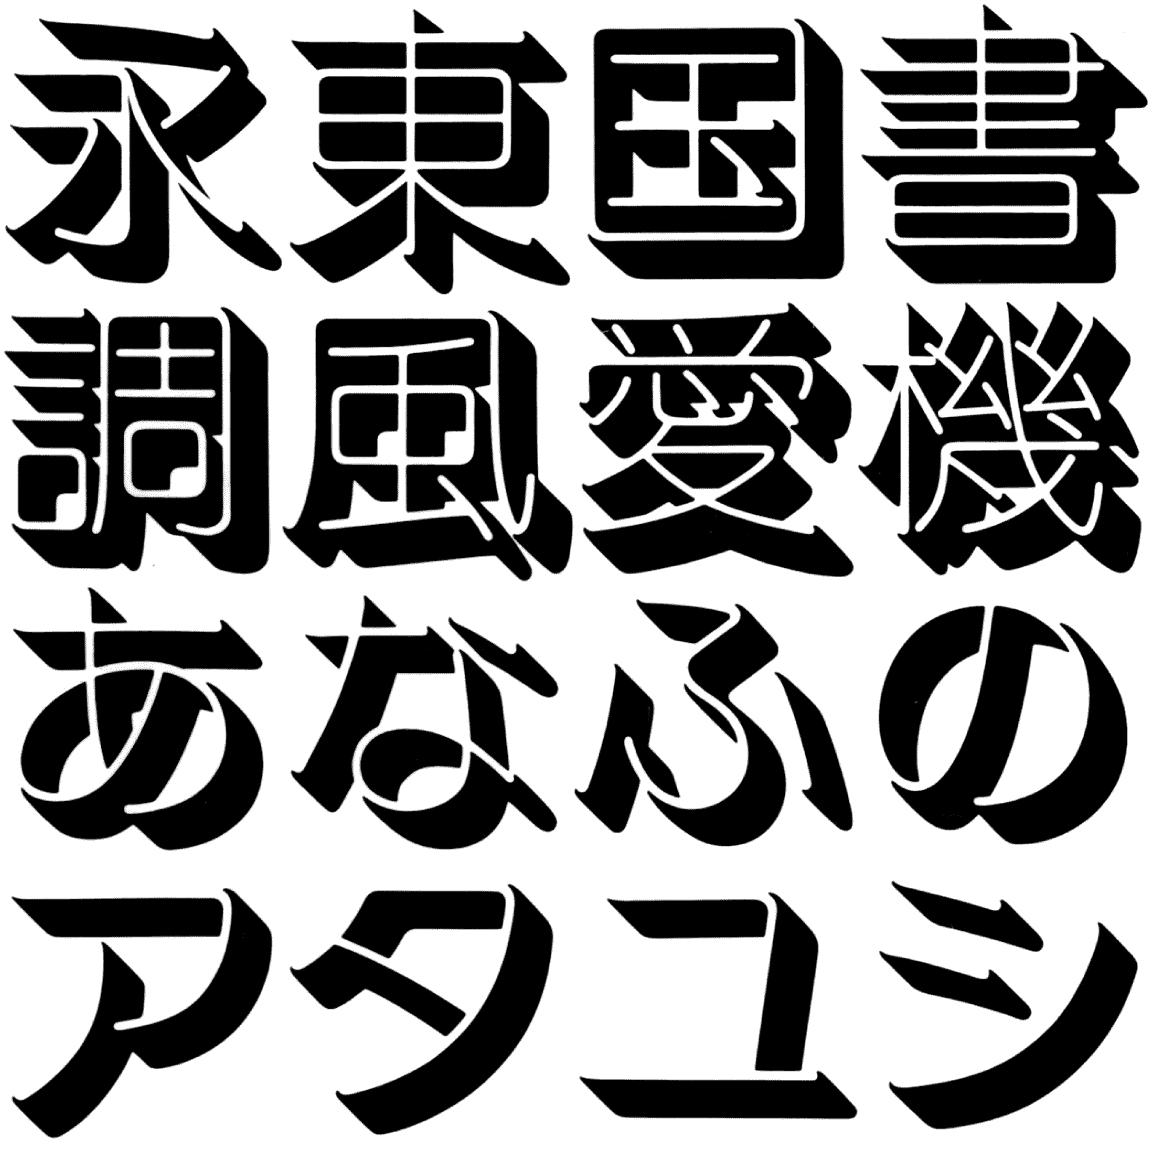 ナール SH SHNAR 字形見本